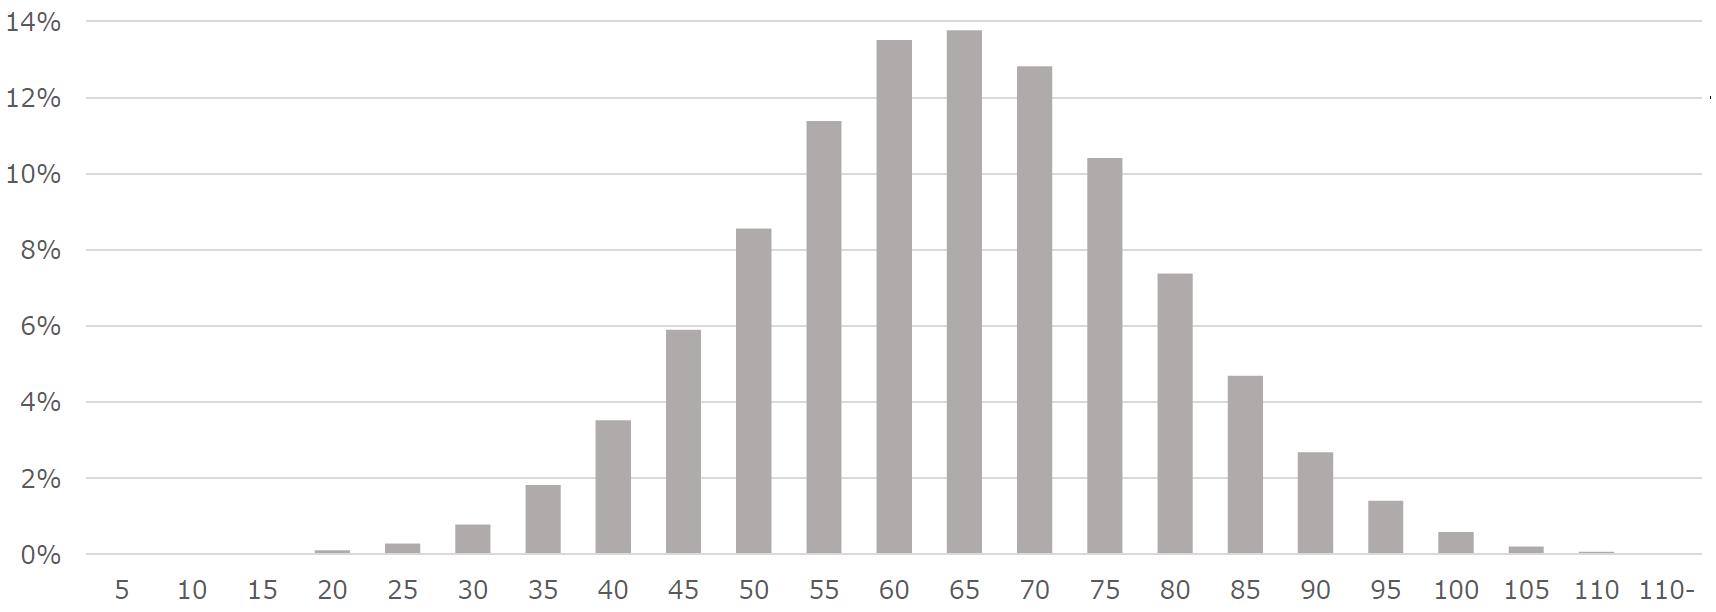 日本人の平均作業量(AV)の分布